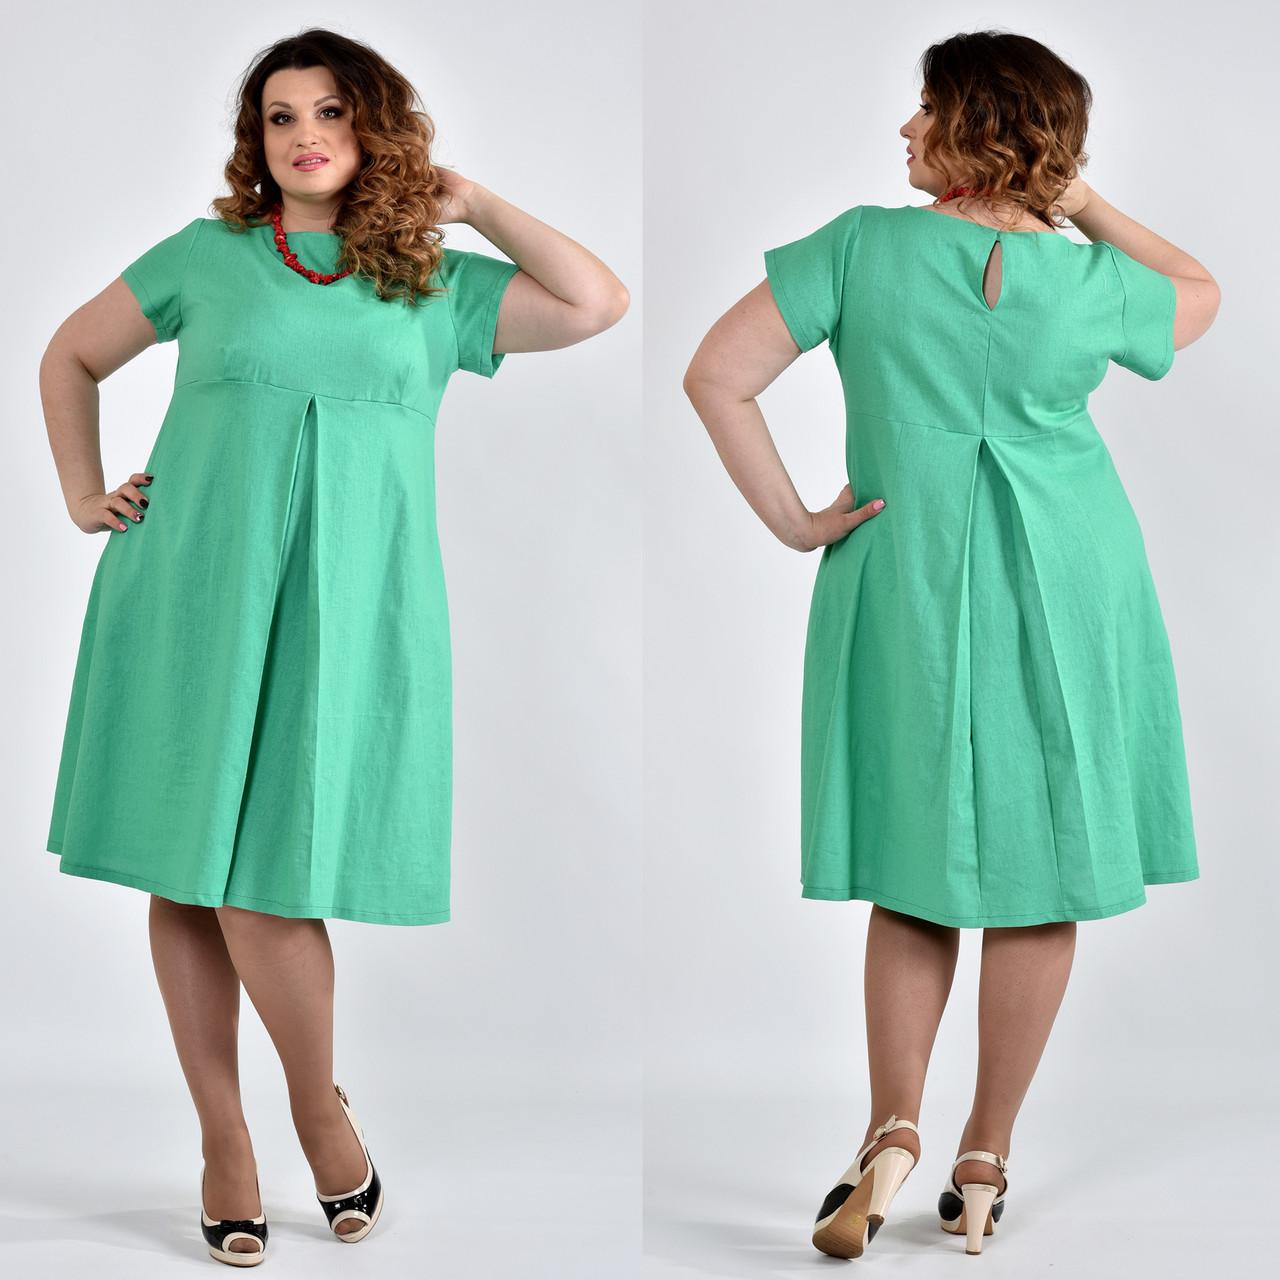 fcbd63ea36e Зеленое платье из льна для полных 0507 - DS Moda - женская одежда оптом от  производителя